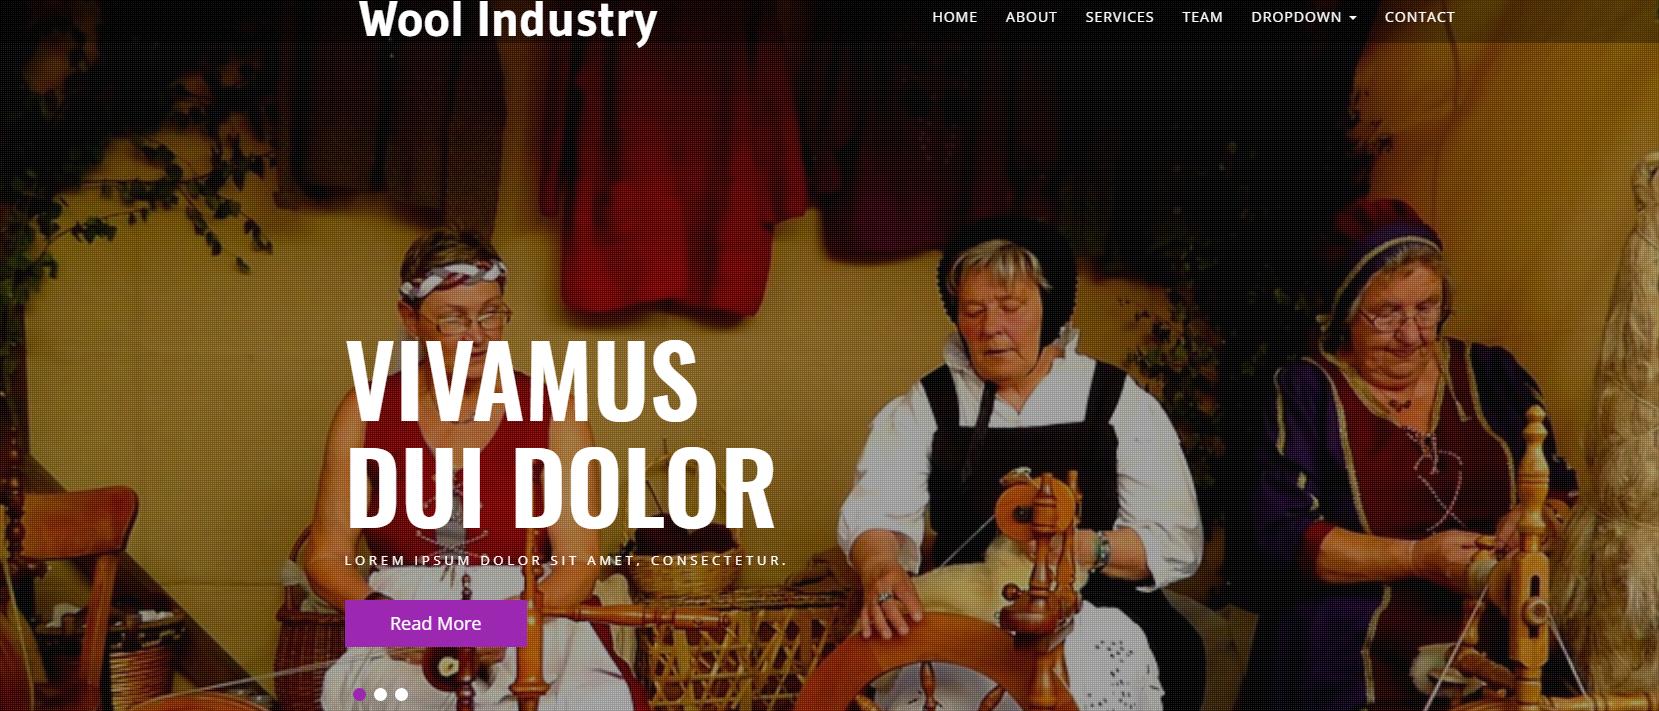 毛衣加工企业的网站模板